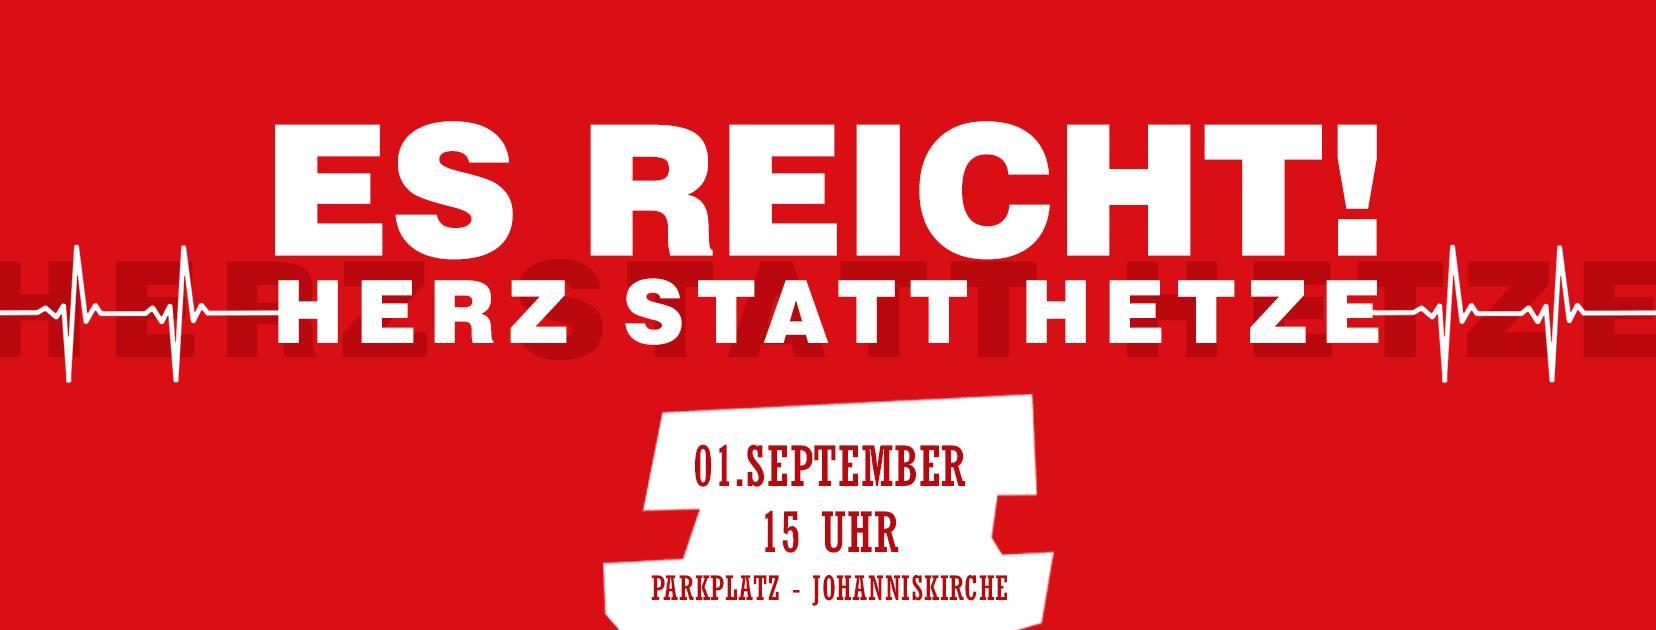 """""""Herz statt Hetze"""": Chemnitzer laden am Samstag zur Gegendemonstration ein"""